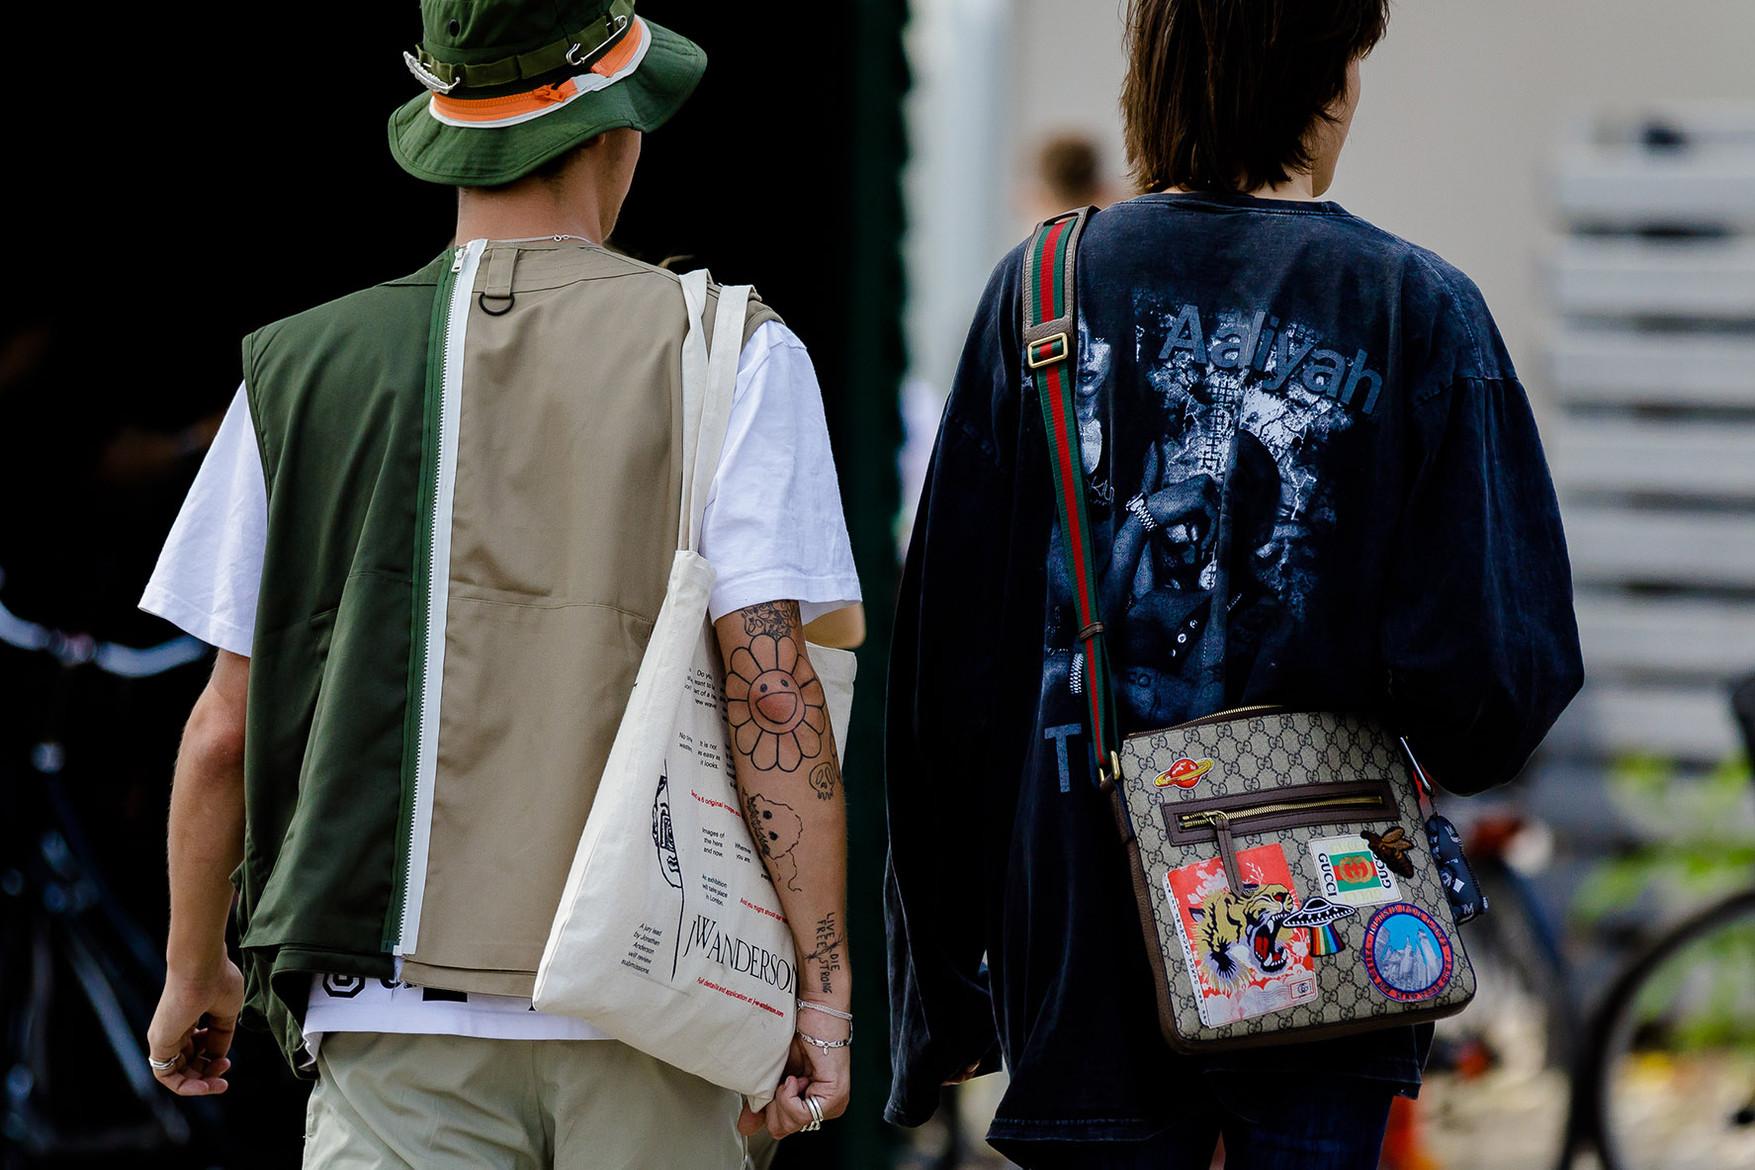 Những chàng trai giờ đây cũng quan tâm đến sử dụng túi xách như một phụ kiện không thể thiếu. Ảnh: Jack Stanley